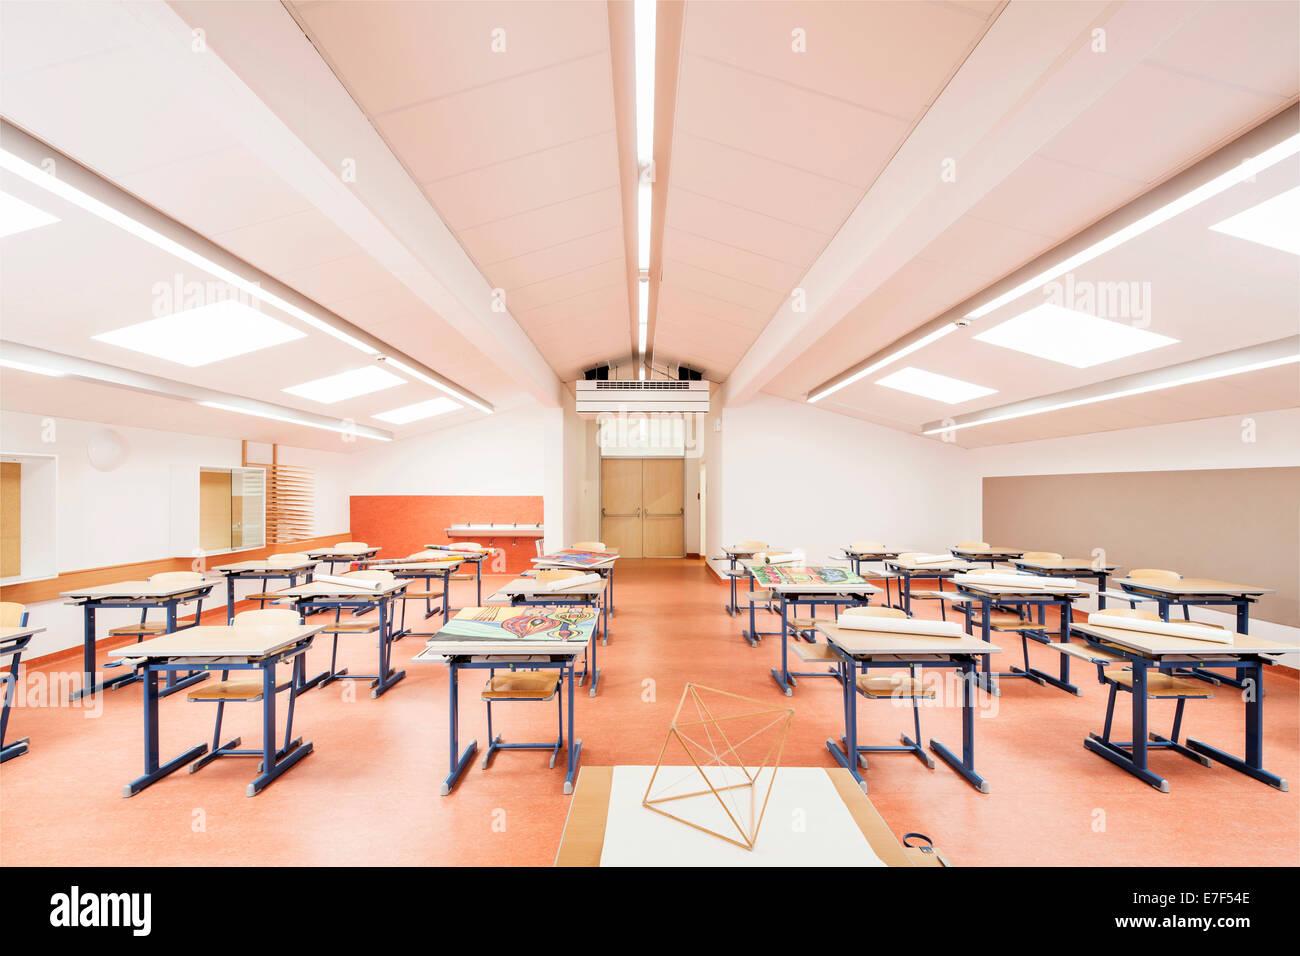 Salle d'art d'une école secondaire, Alpbach, Tyrol, Autriche Photo Stock